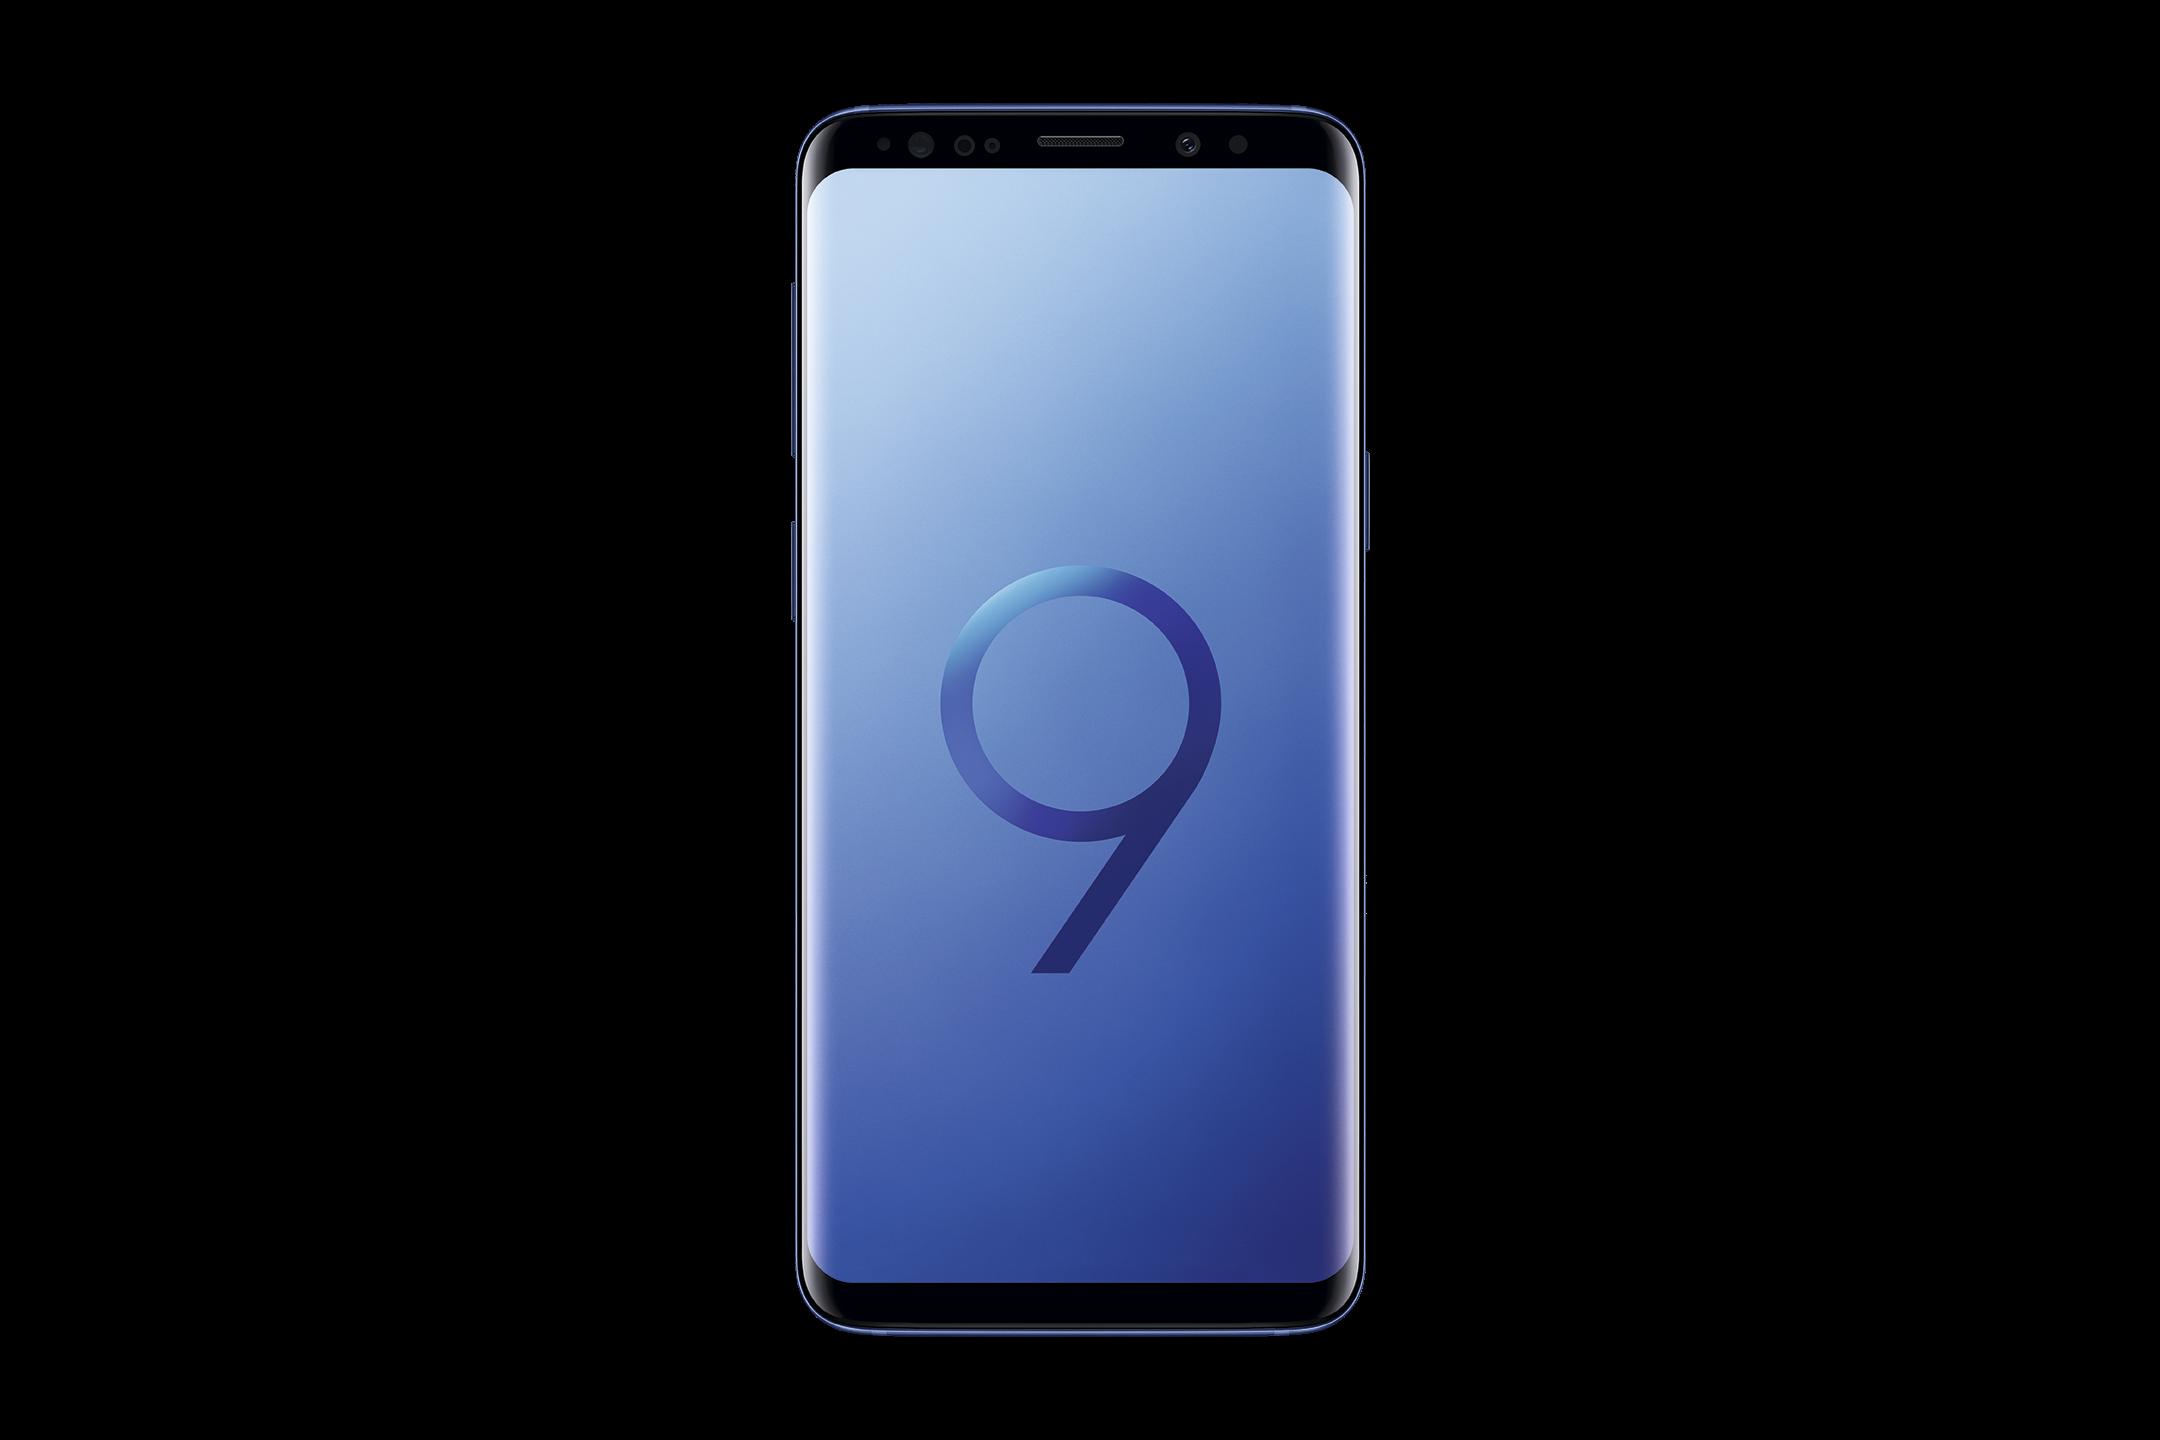 2_Samsung Galaxy S9 in Blau